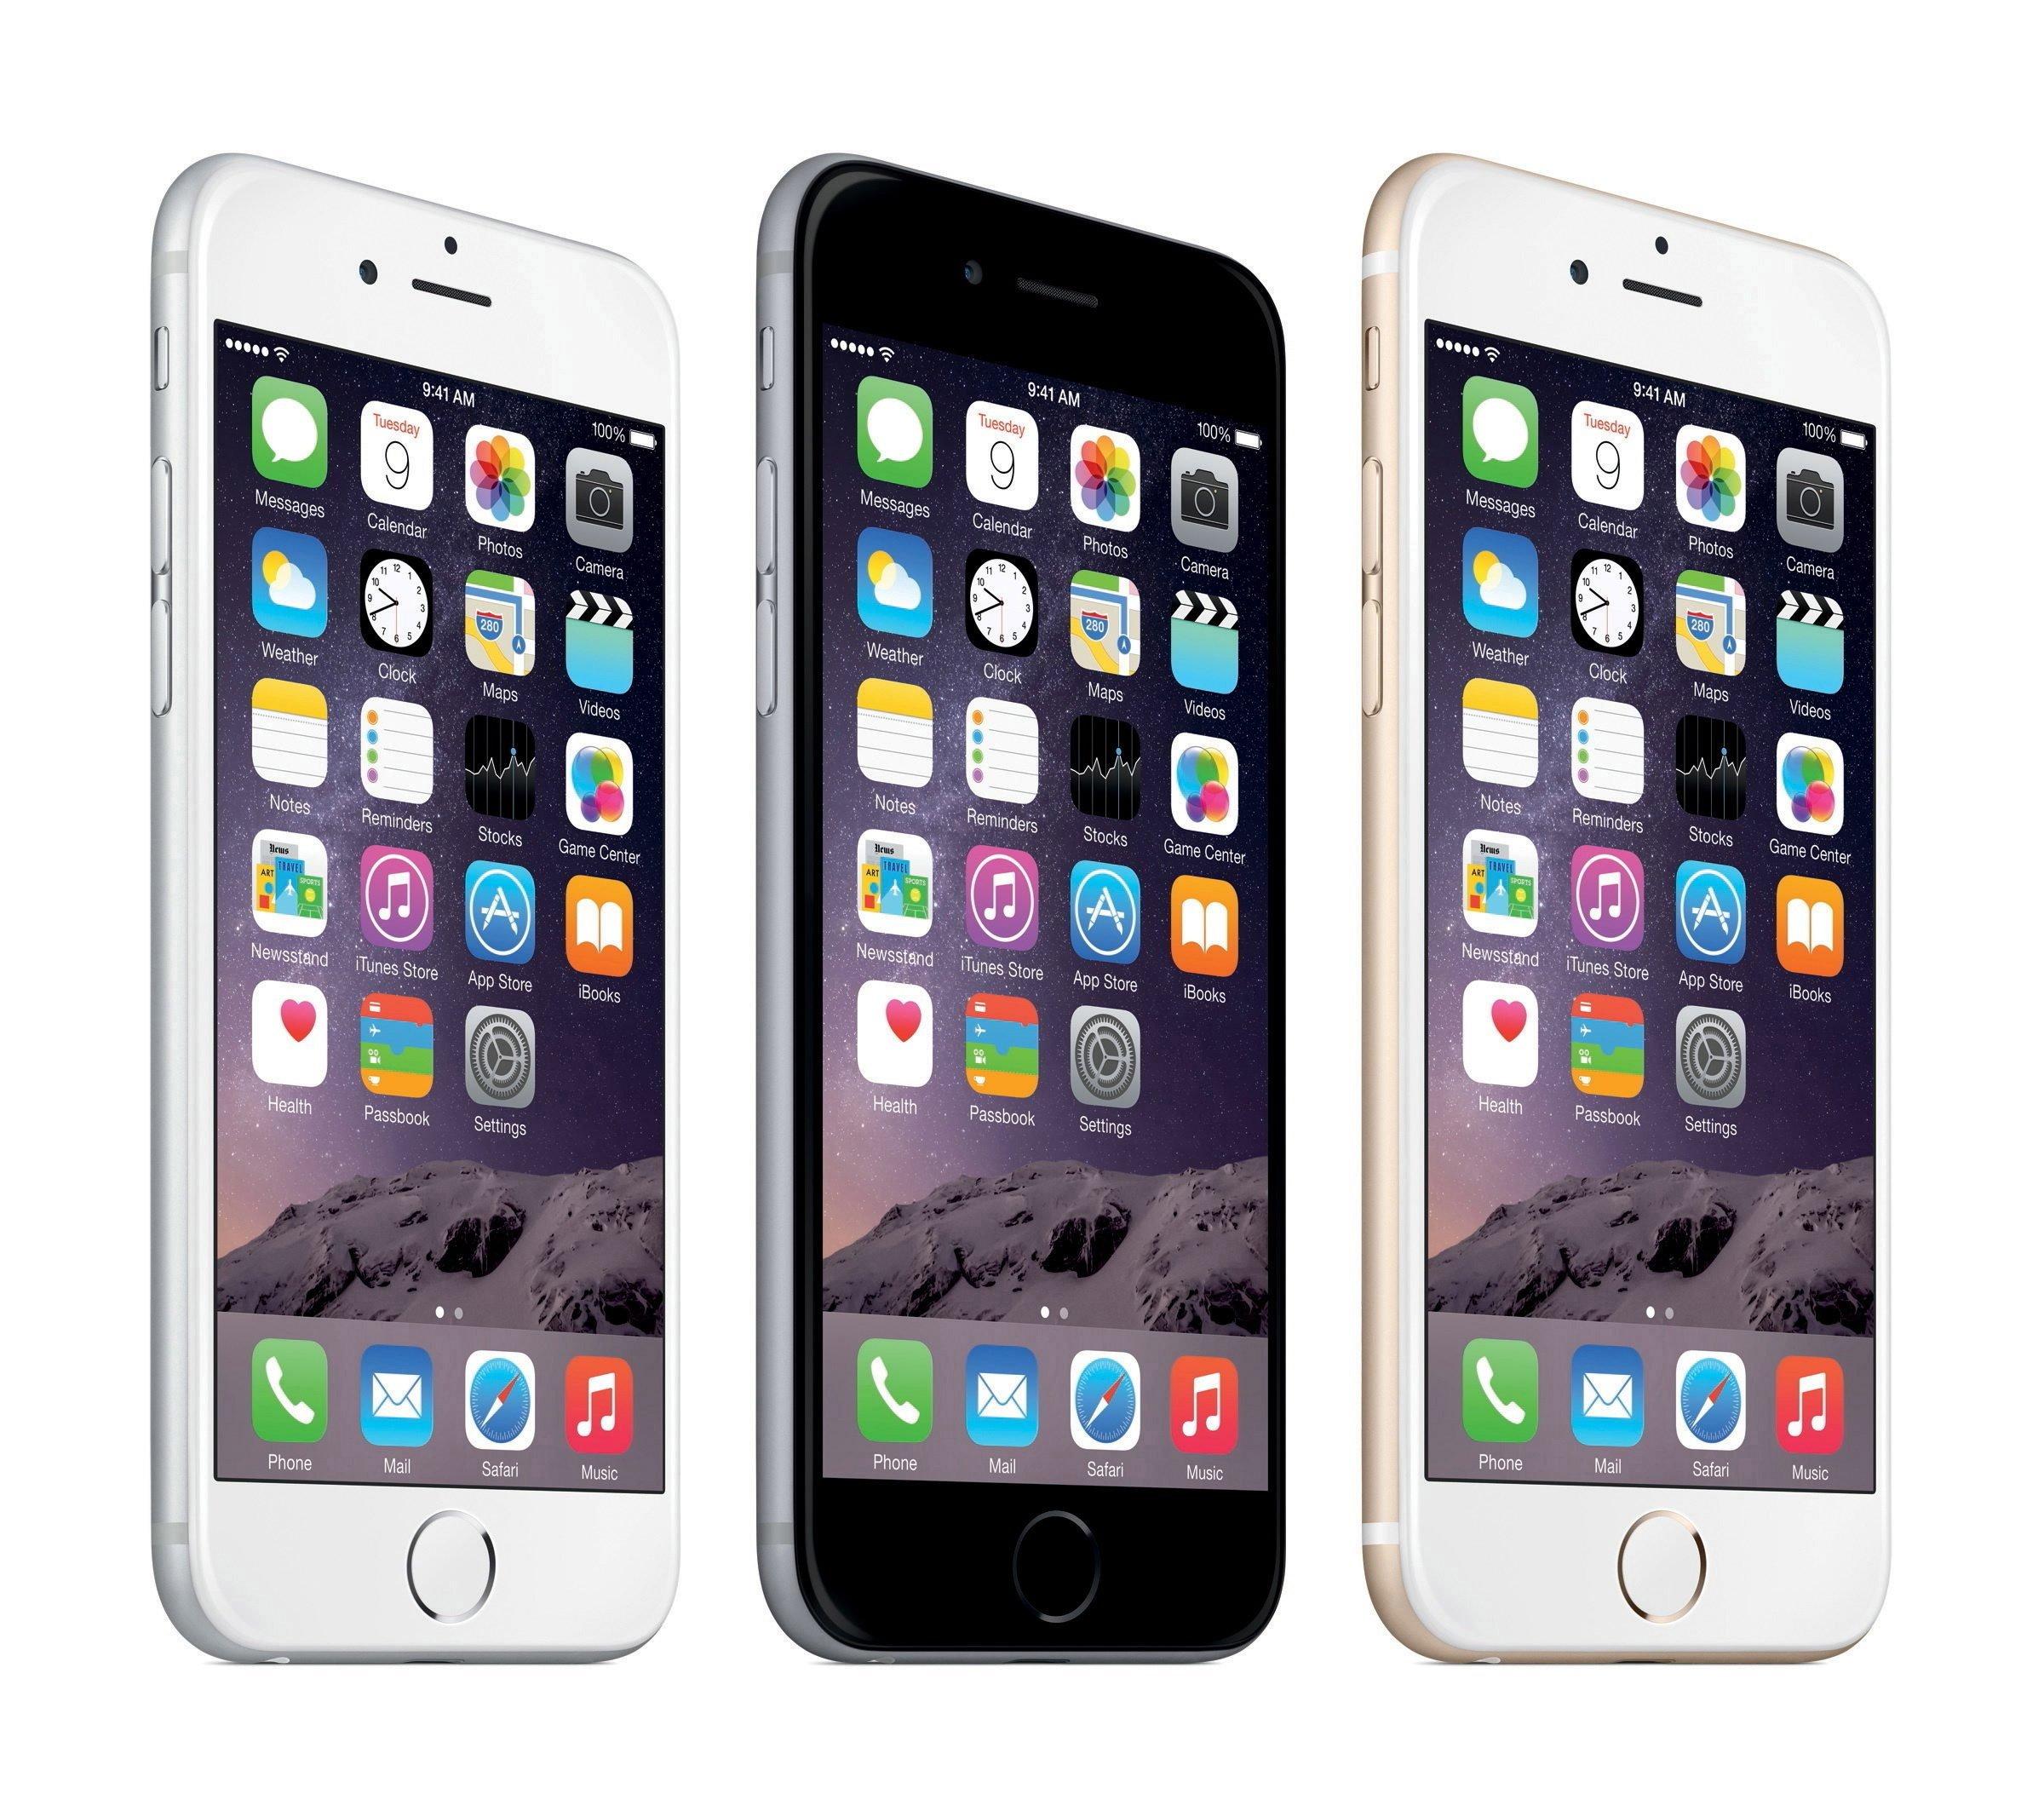 Keine äußere Schutzhülle soll Apples mobile Geräte künftig vor Feuchtigkeit schützen, sondern elektronische Bauteile im Innern werden präpariert.